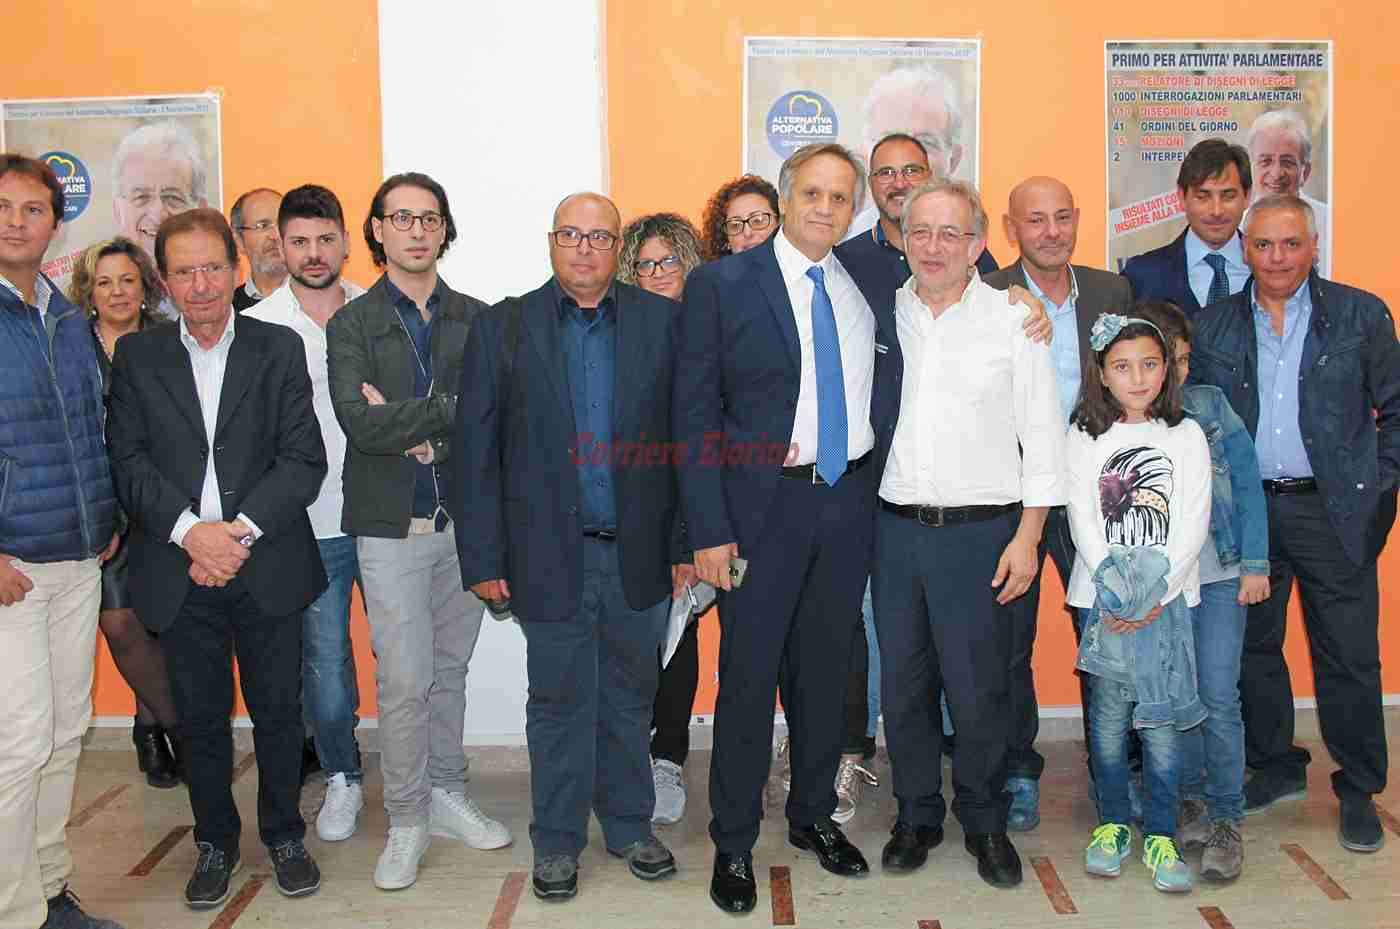 """Vinciullo inaugura il comitato elettorale a Rosolini: """"Da oltre 30 anni lavoriamo con onestà"""""""